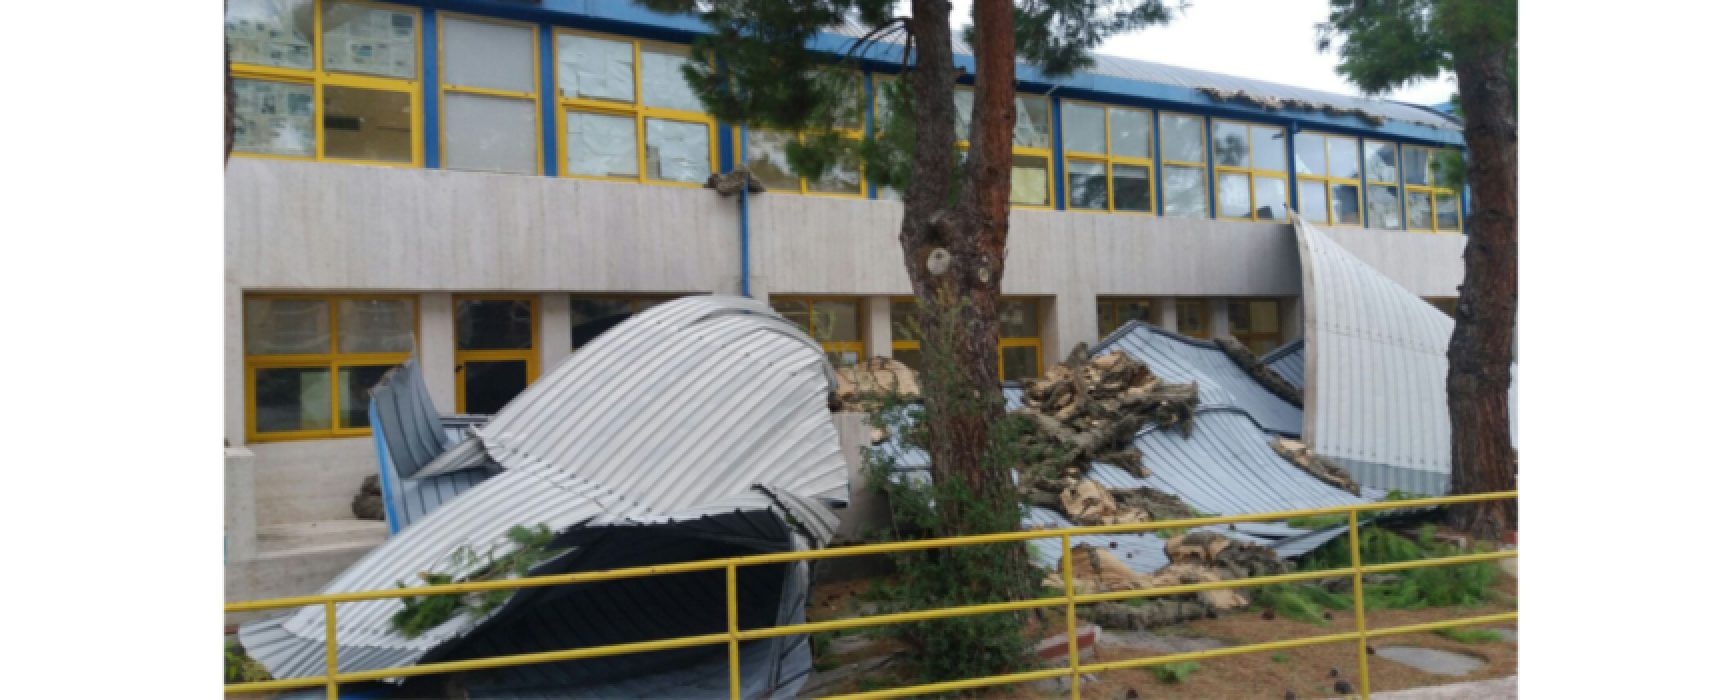 """Forte vento: tetto divelto all'istituto scolastico """"Dell'Olio"""", lezioni sospese"""